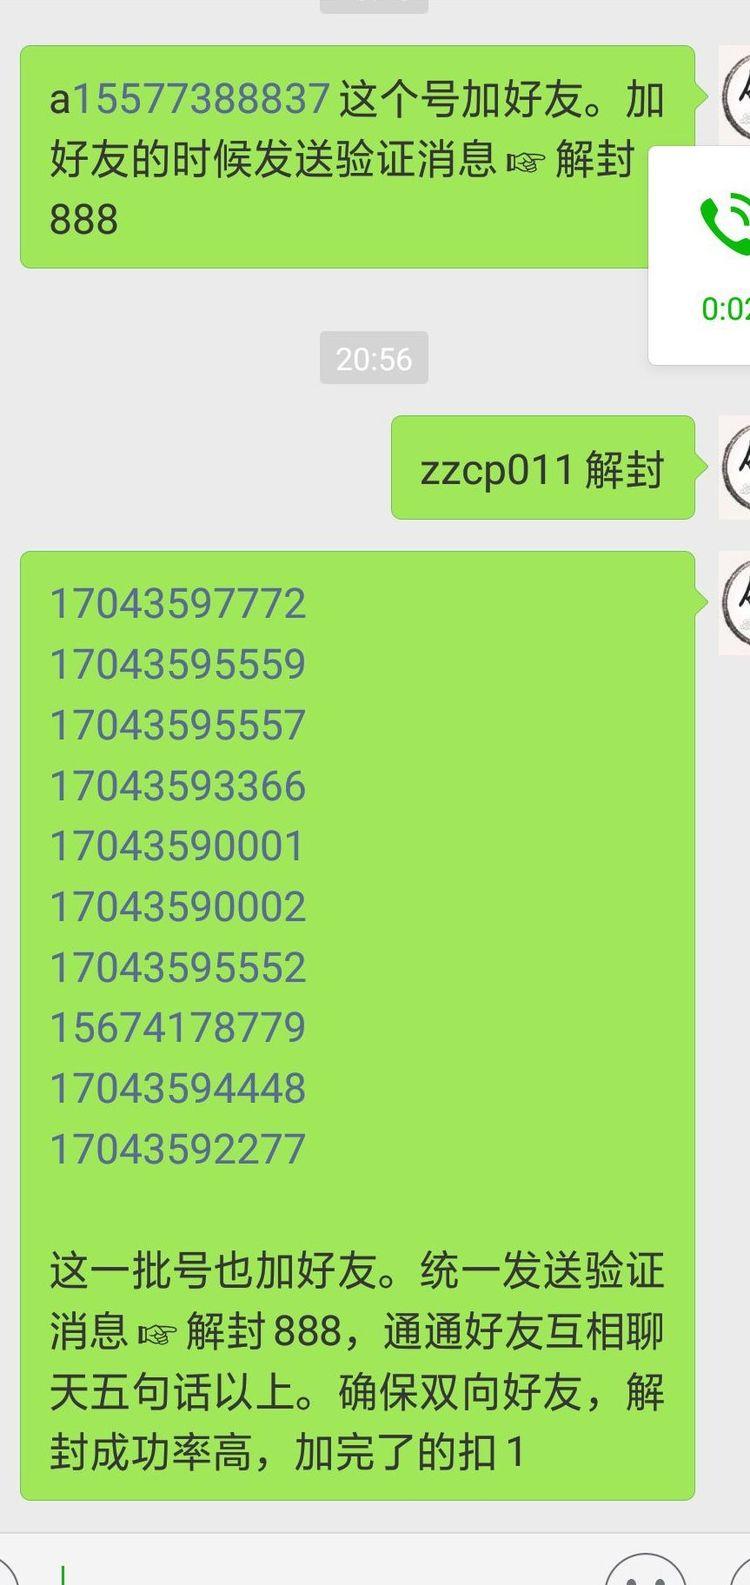 微信保号-微信保号预加好友解封,微信提前加好友保号辅助解封(1)